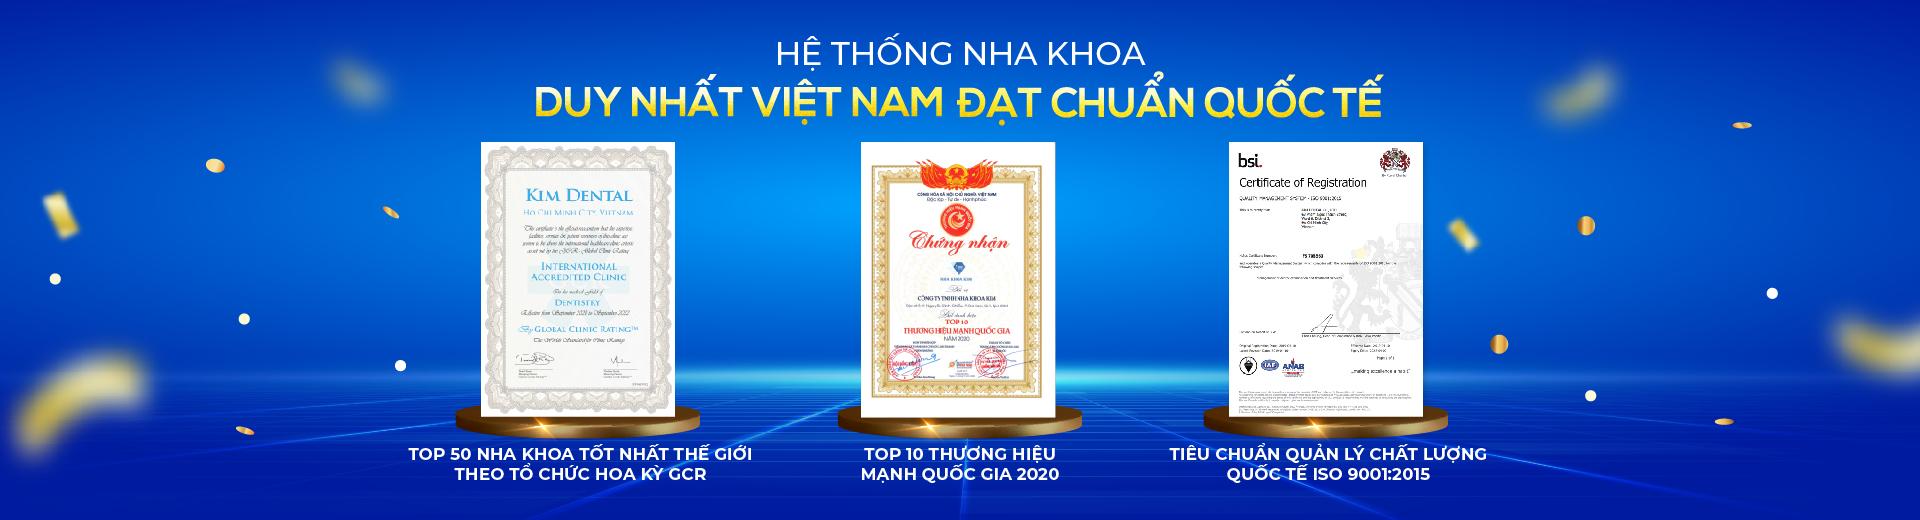 Banner Chứng Nhận Quốc Tế [PC]